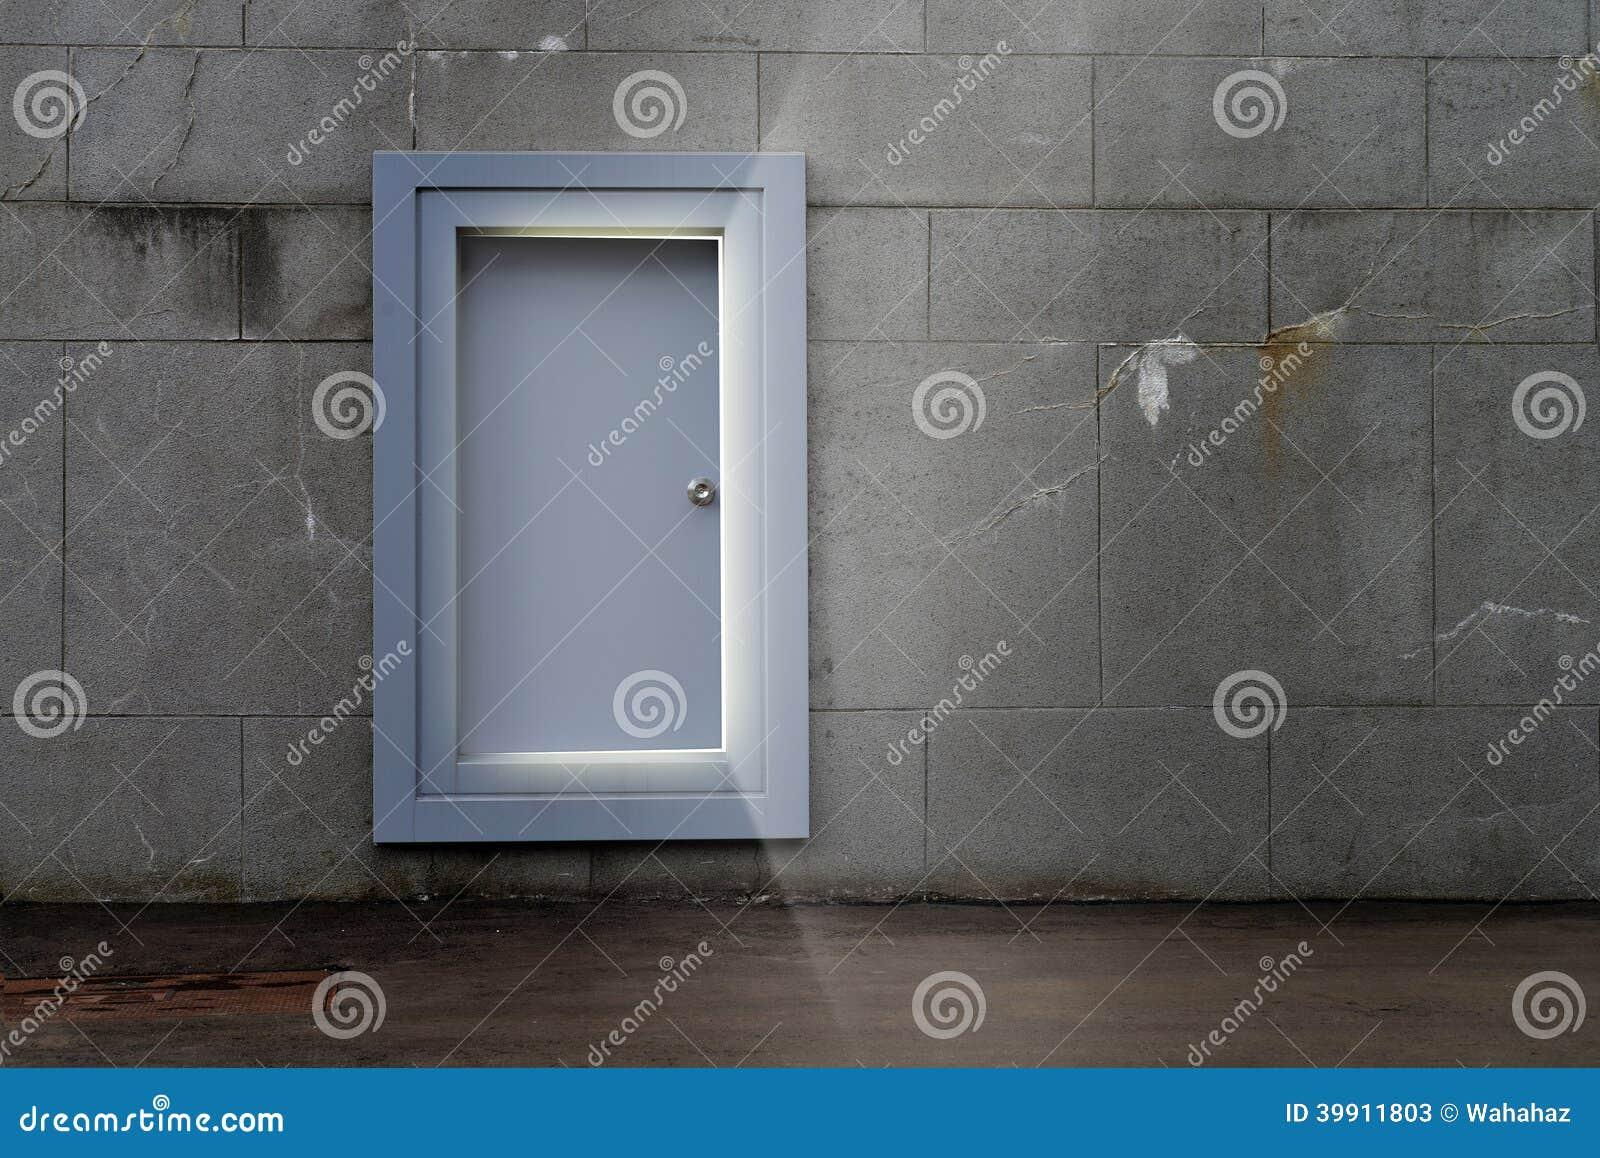 Strange door & Strange door stock image. Image of mystery darkness - 39911803